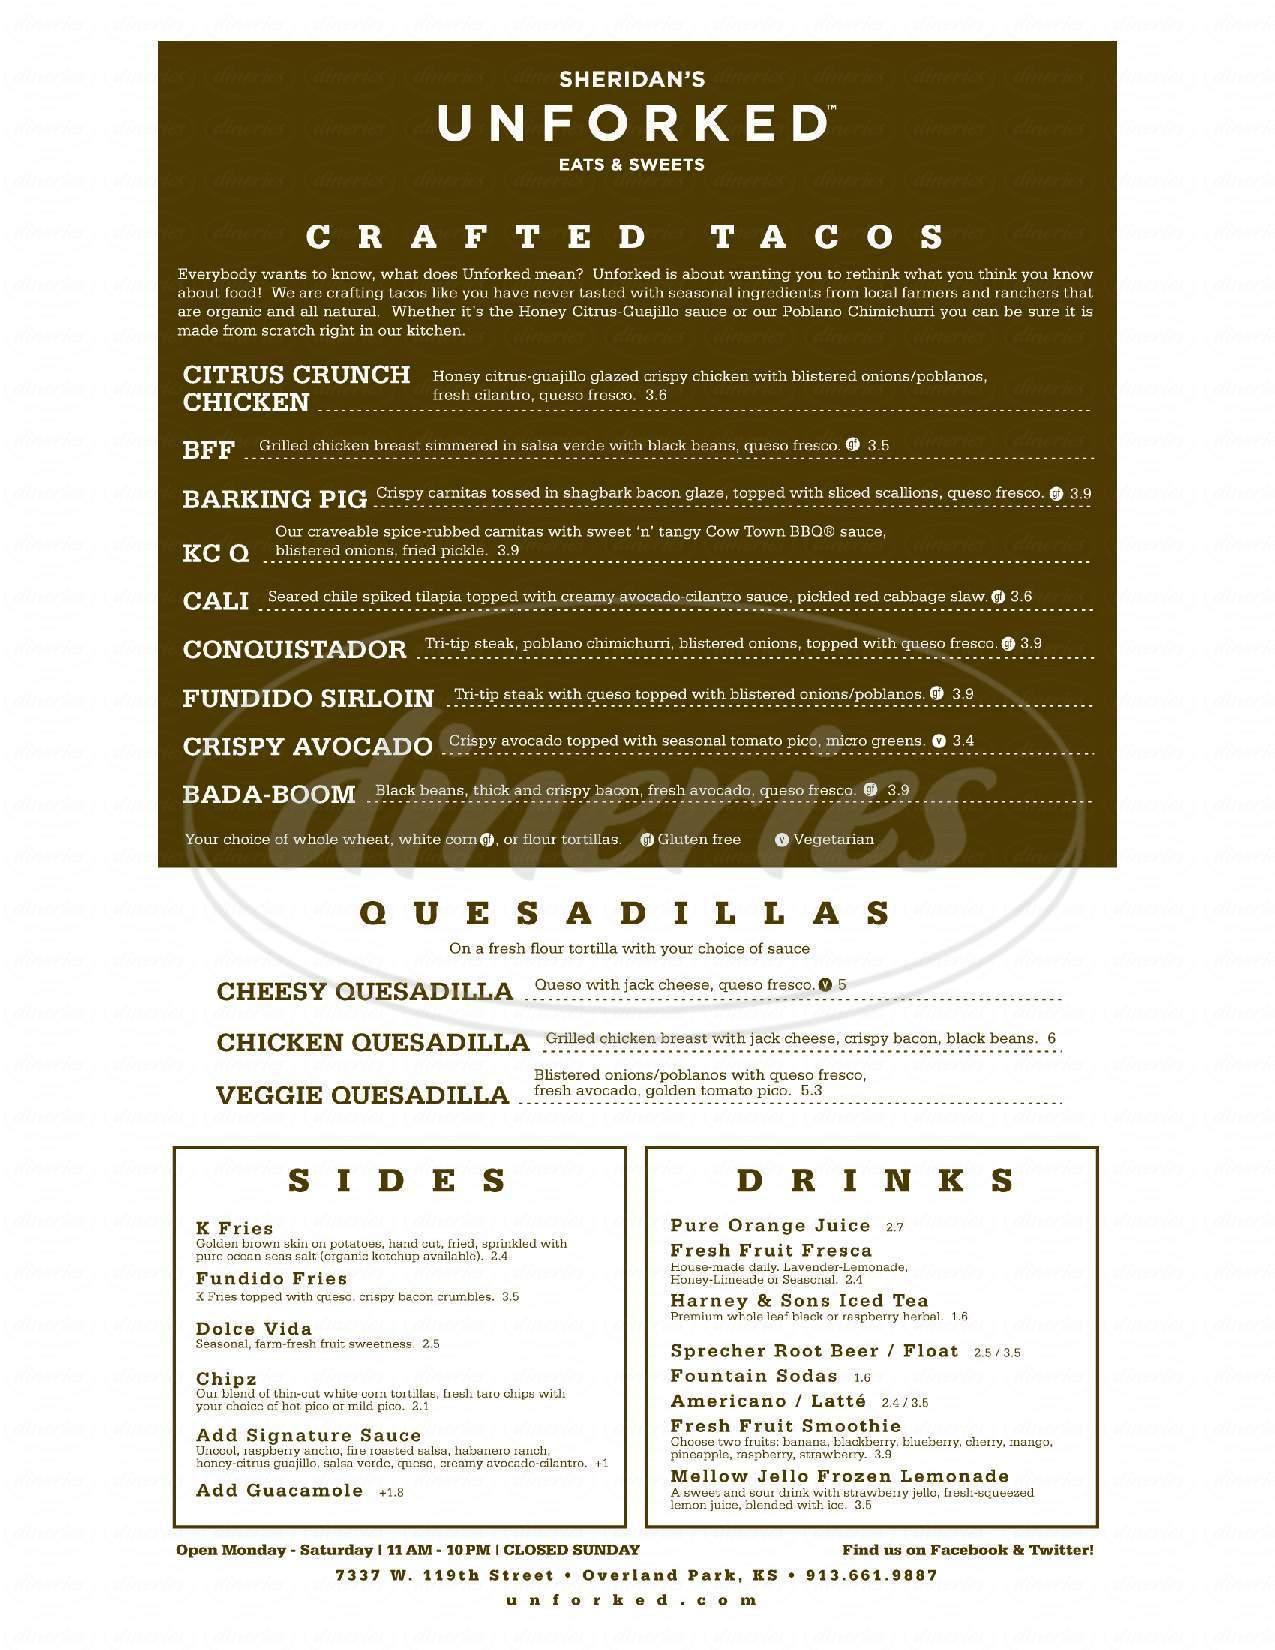 menu for Sheridan's Unforked